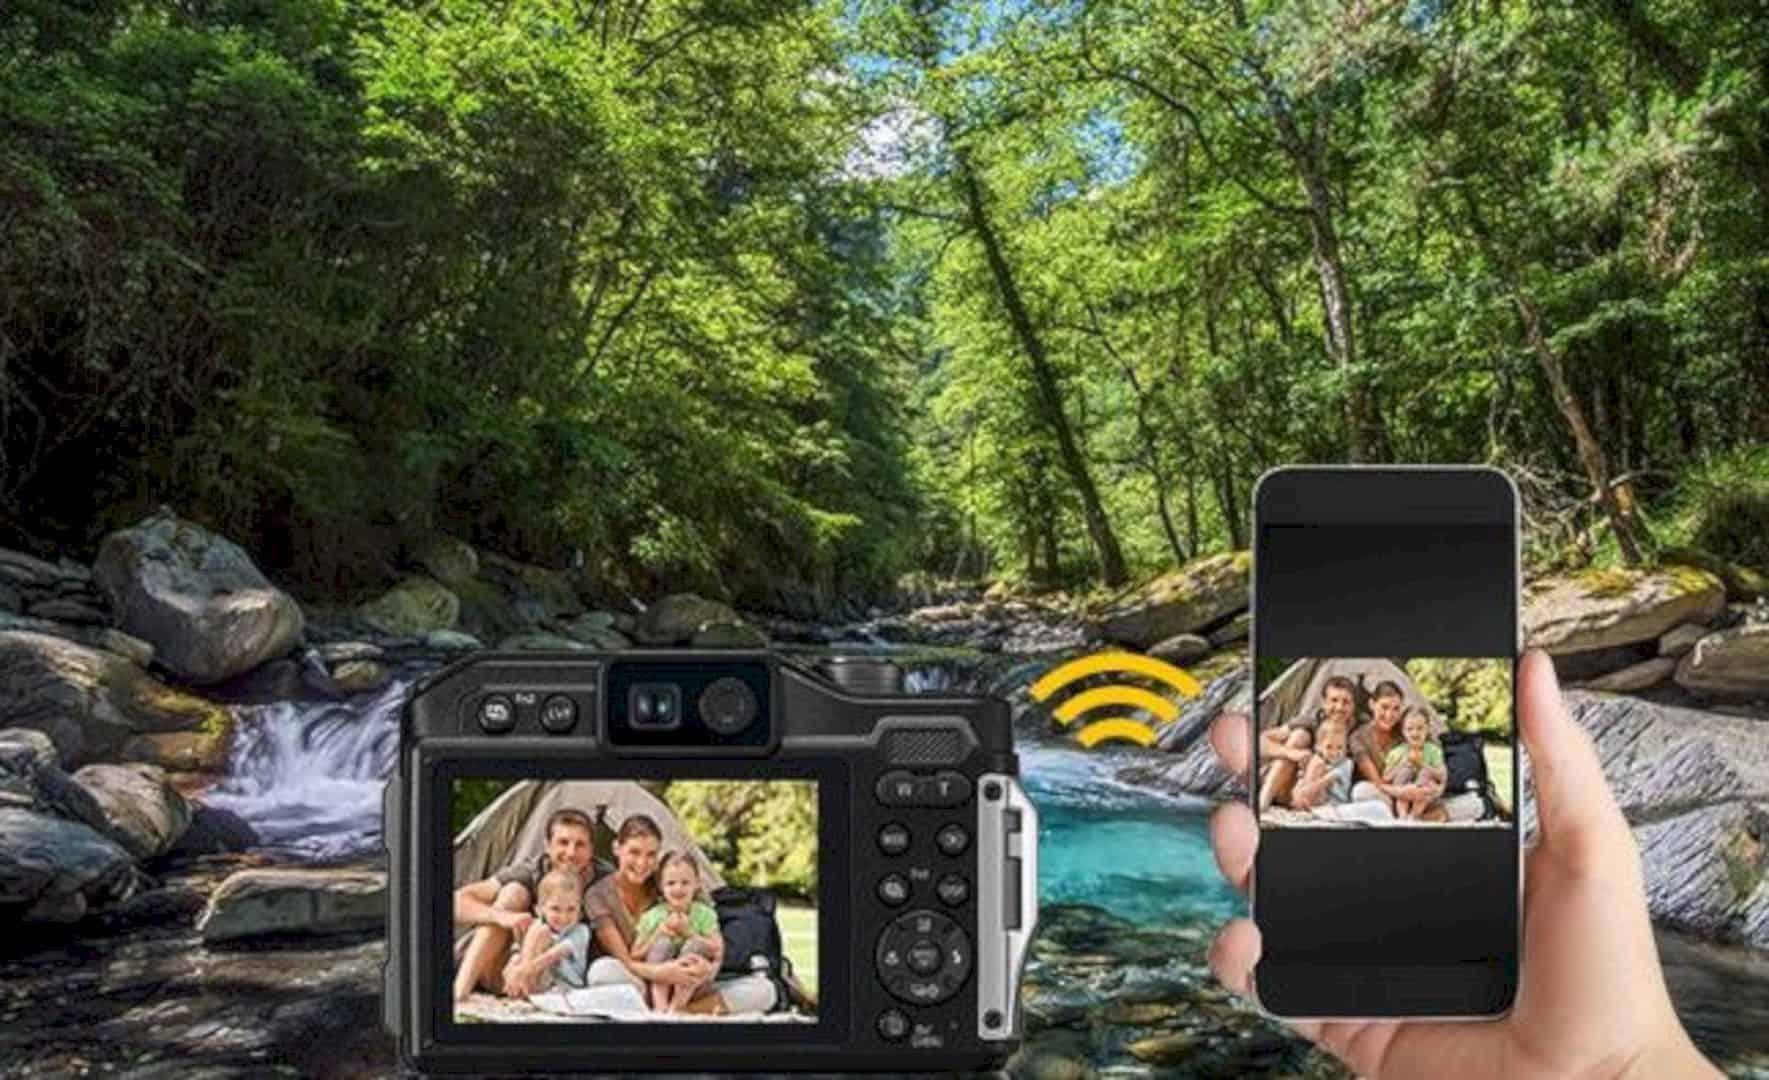 Panasonic LUMIX TS7 Waterproof Tough Camera 5